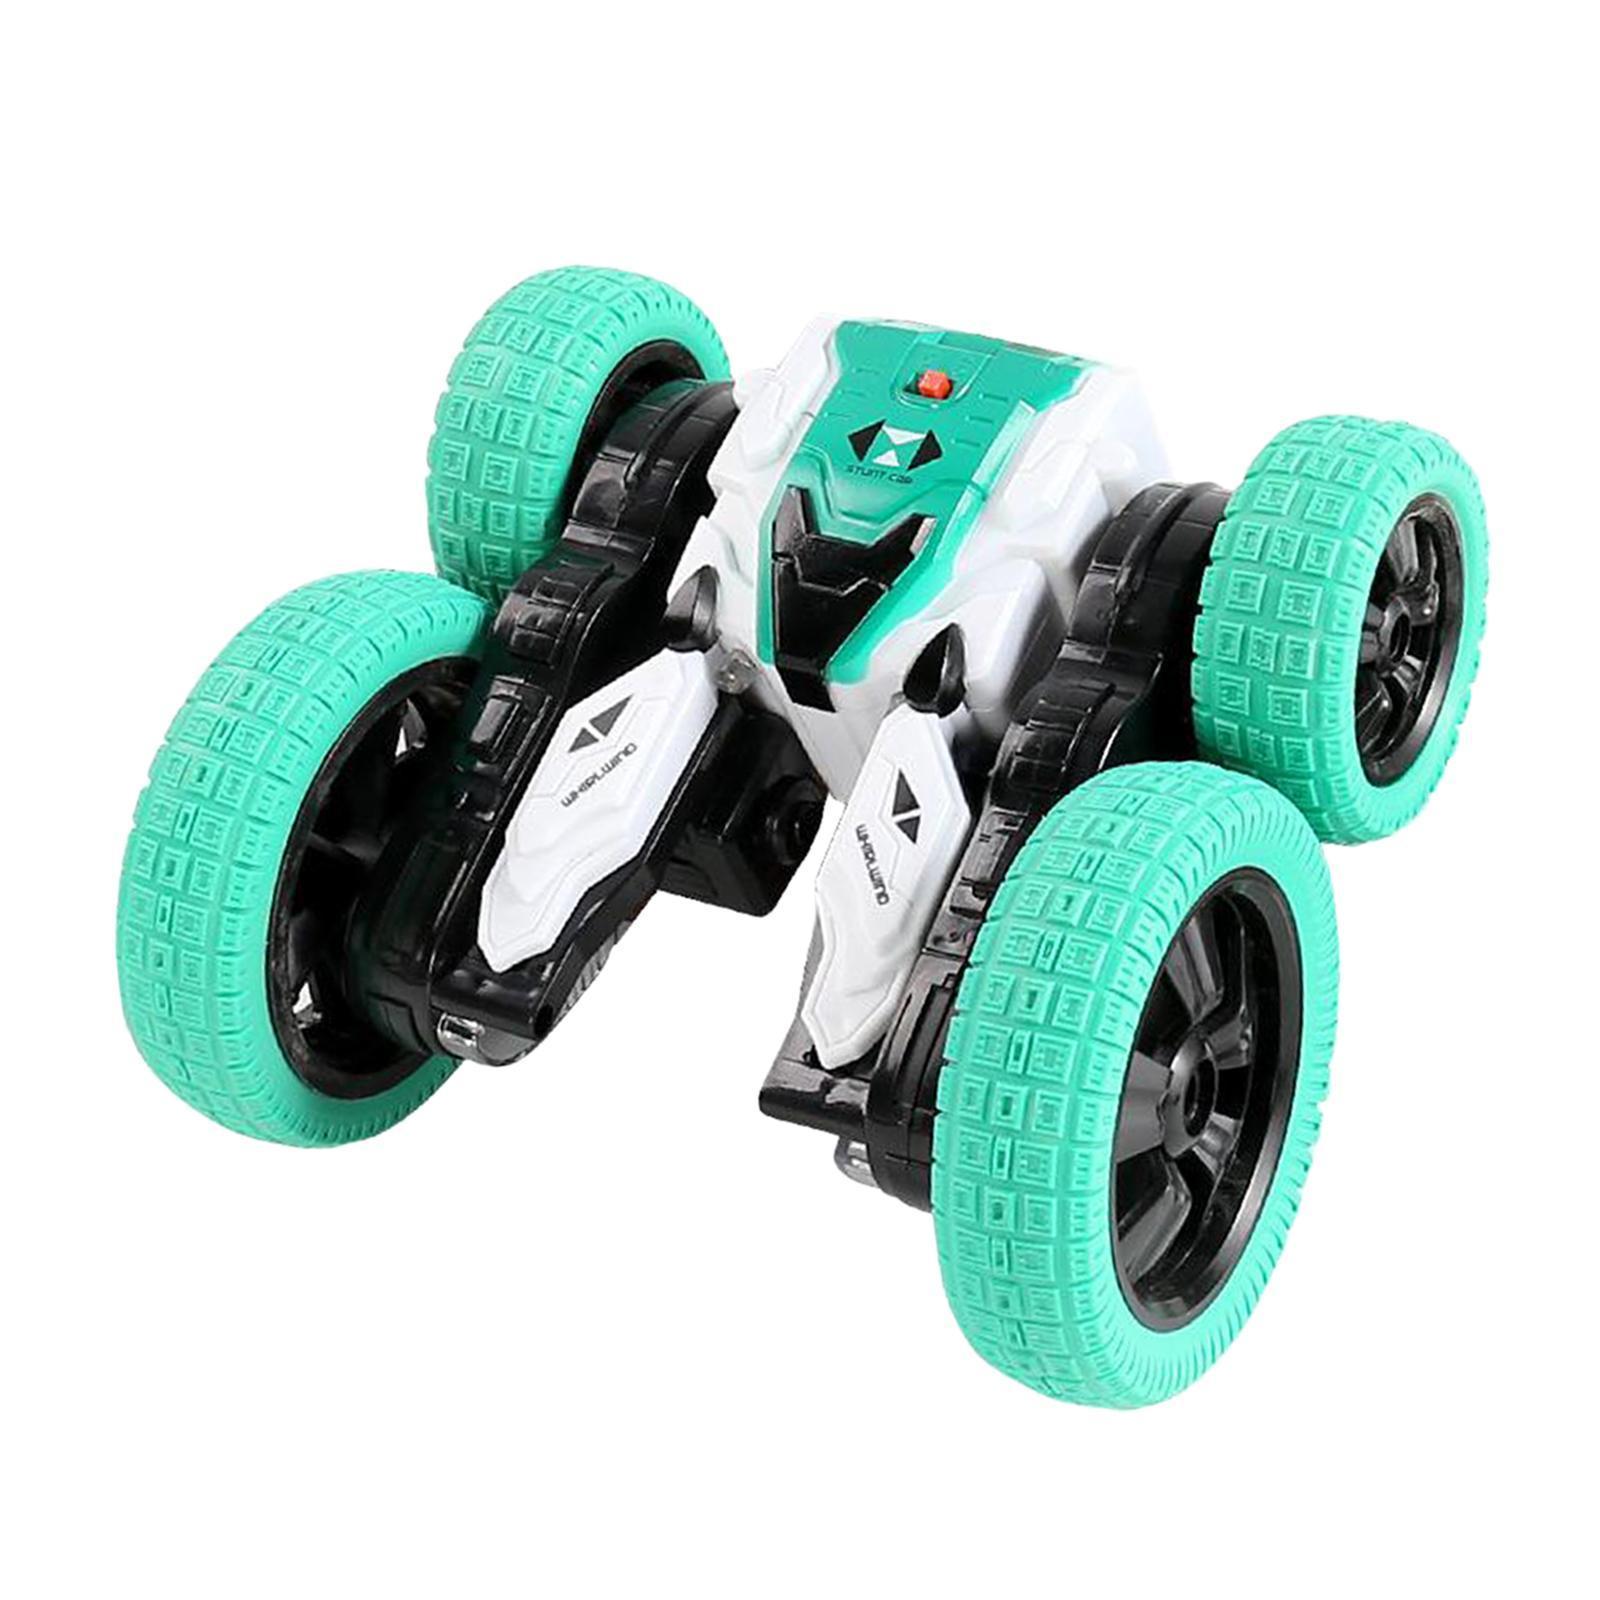 miniatura 27 - Telecomando Auto Stunt Car Giocattolo Per Bambini 2.4GHz di Controllo Remoto